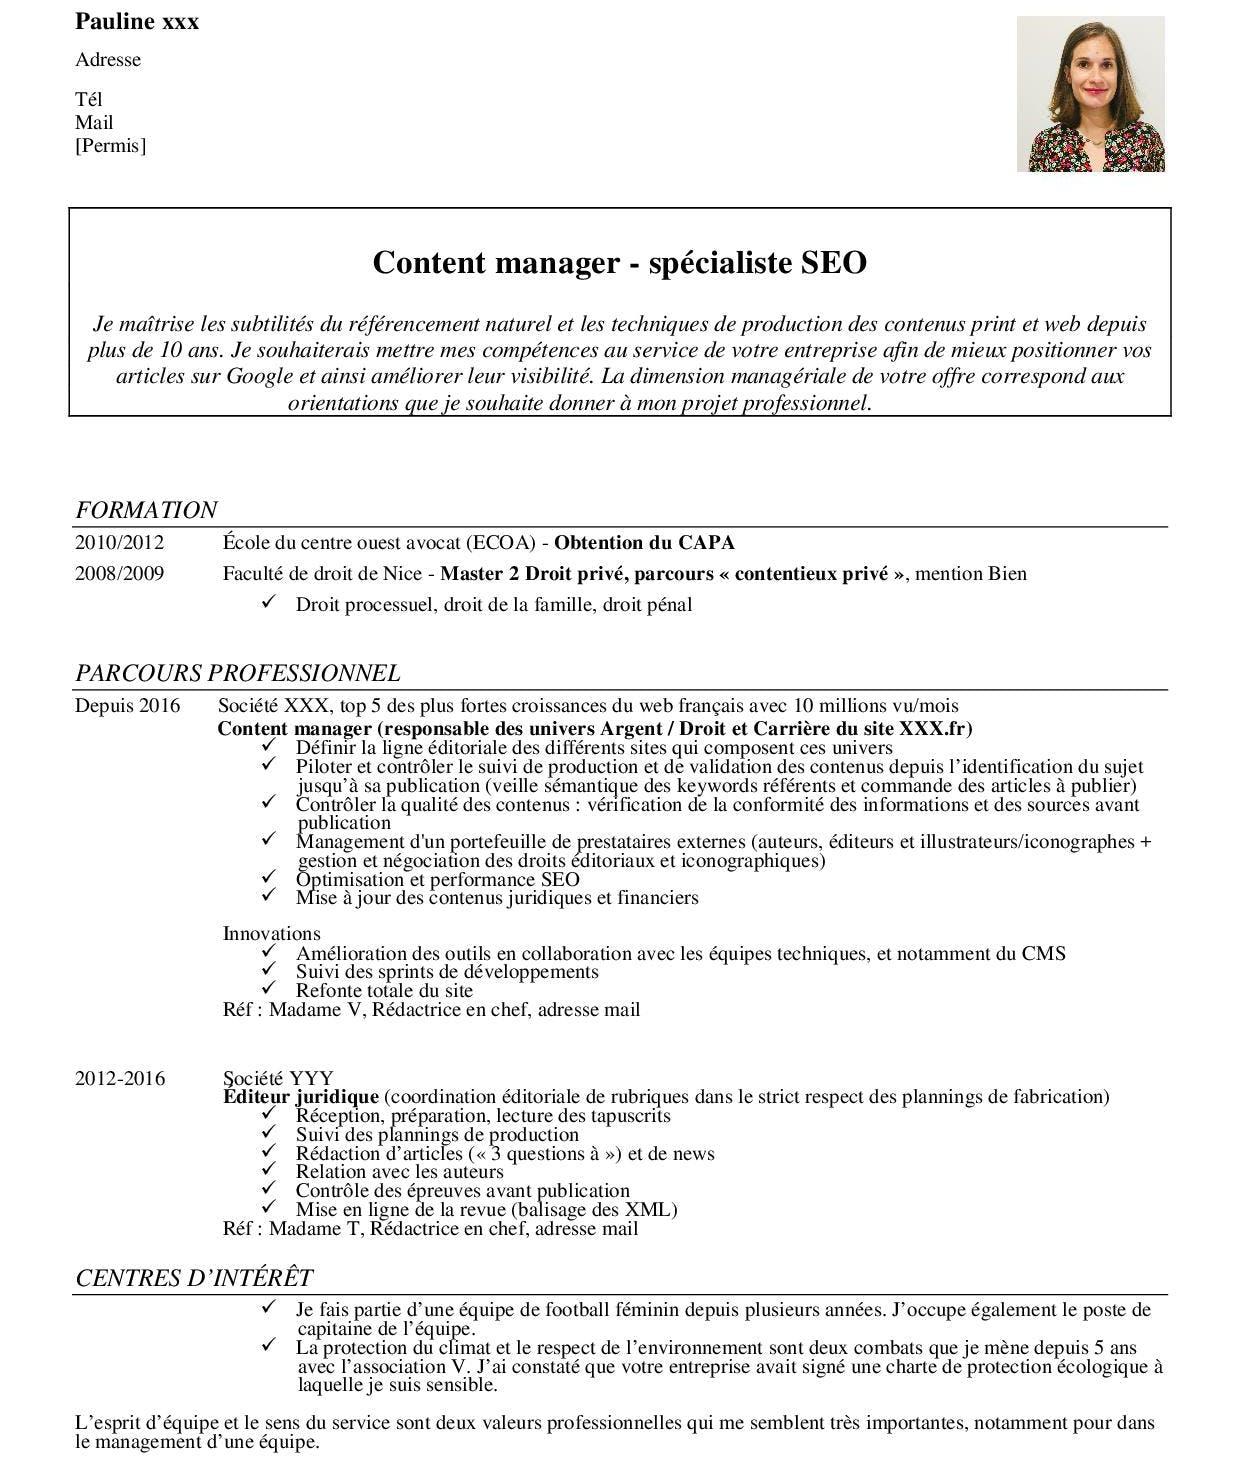 Exemple d'un bon CV avec photo